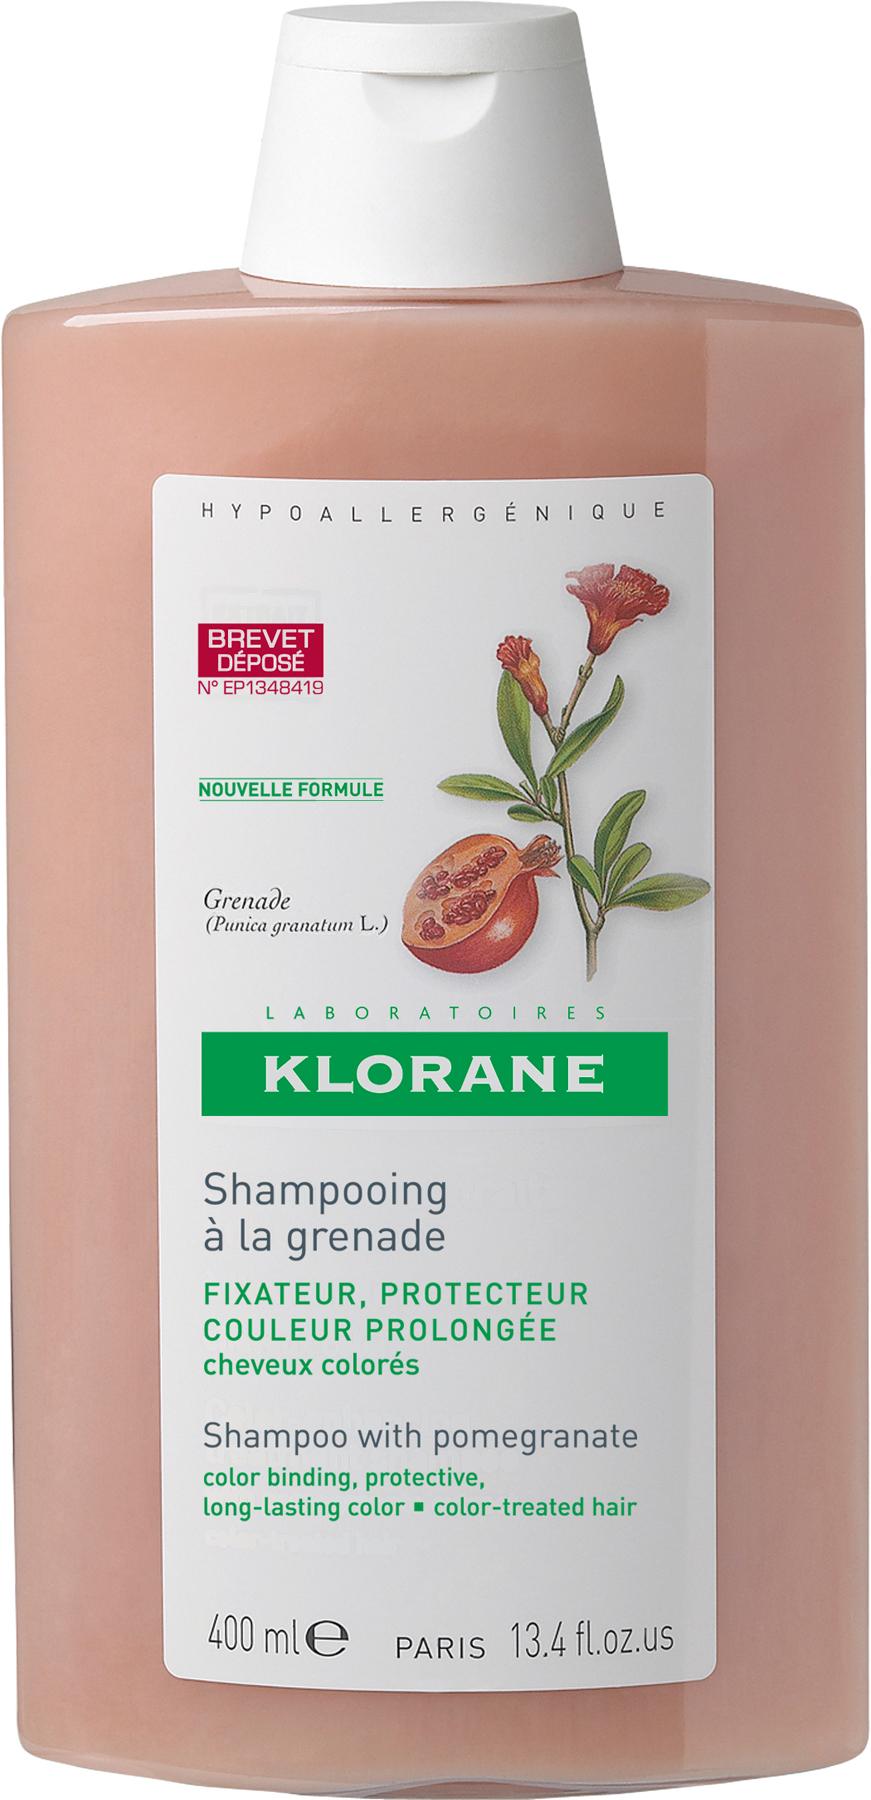 Shampoo with Pomegranate